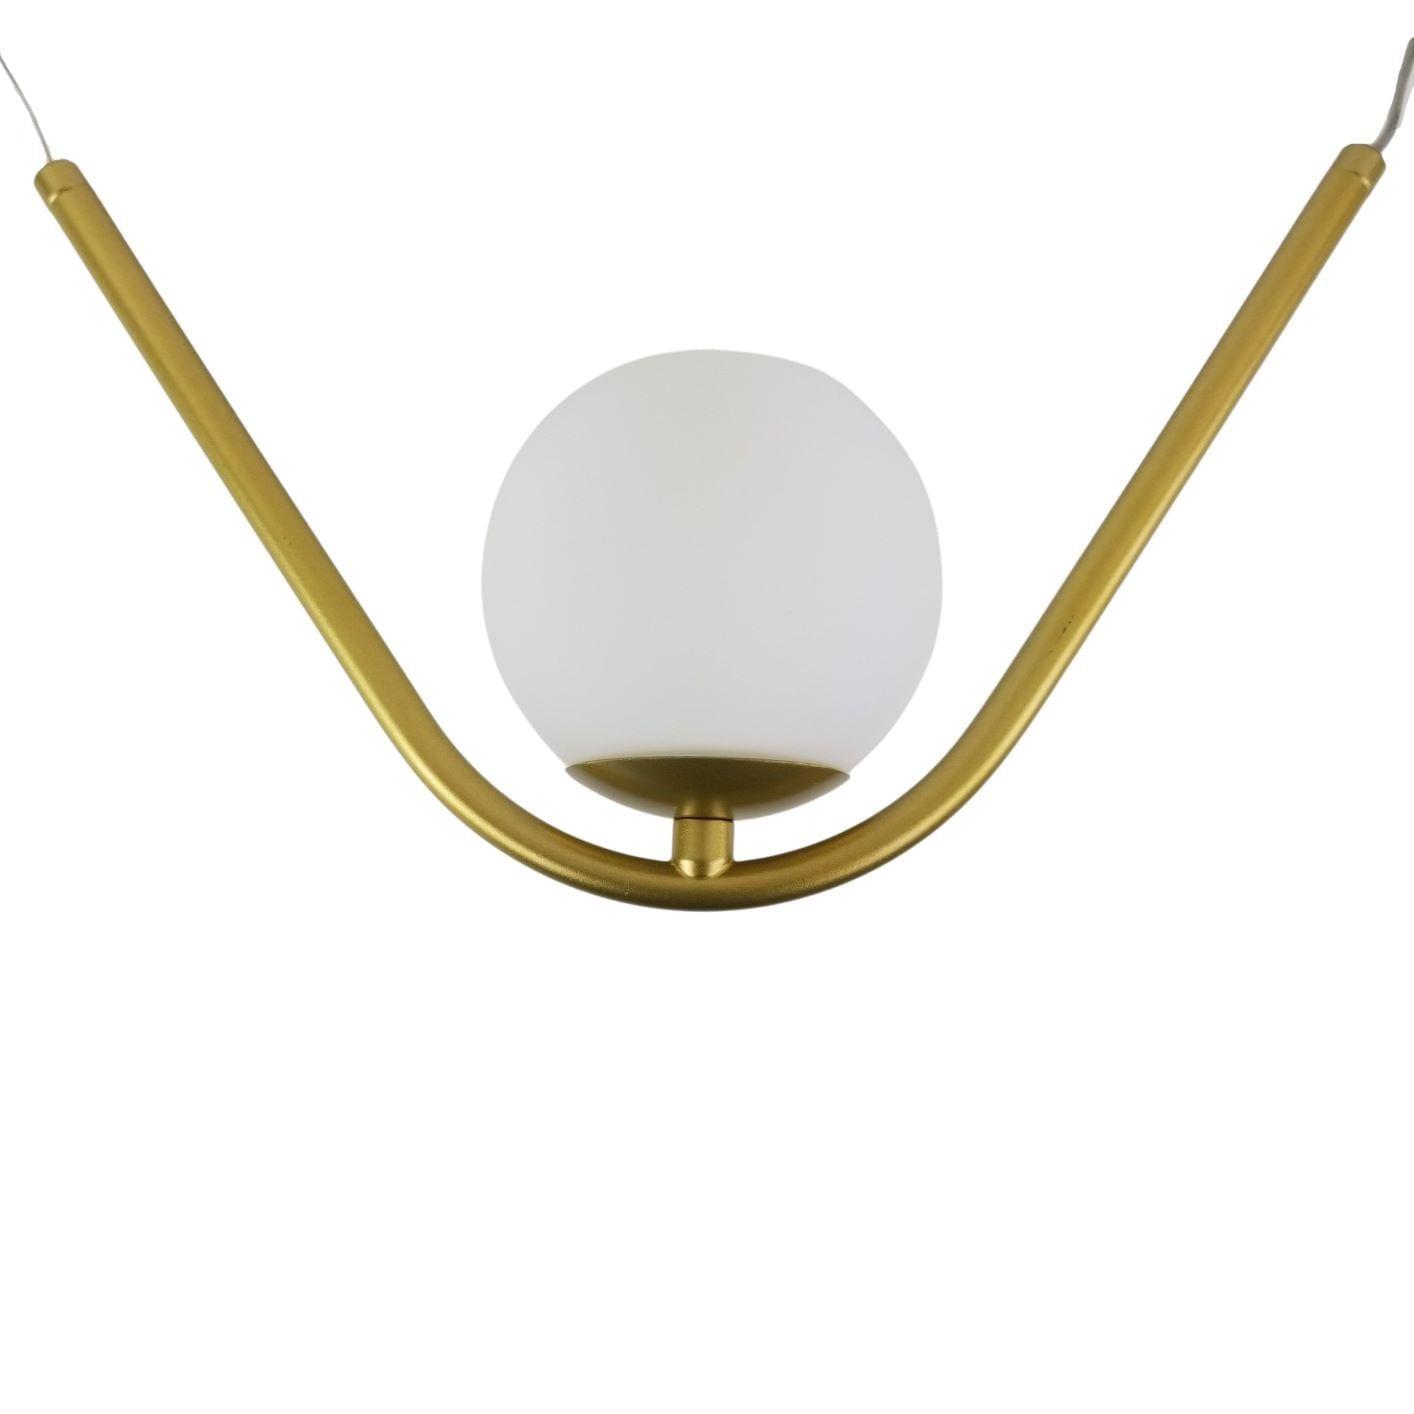 Pendente Balance 1 Bolinha - Dourado Metalizado Vidro Fosco